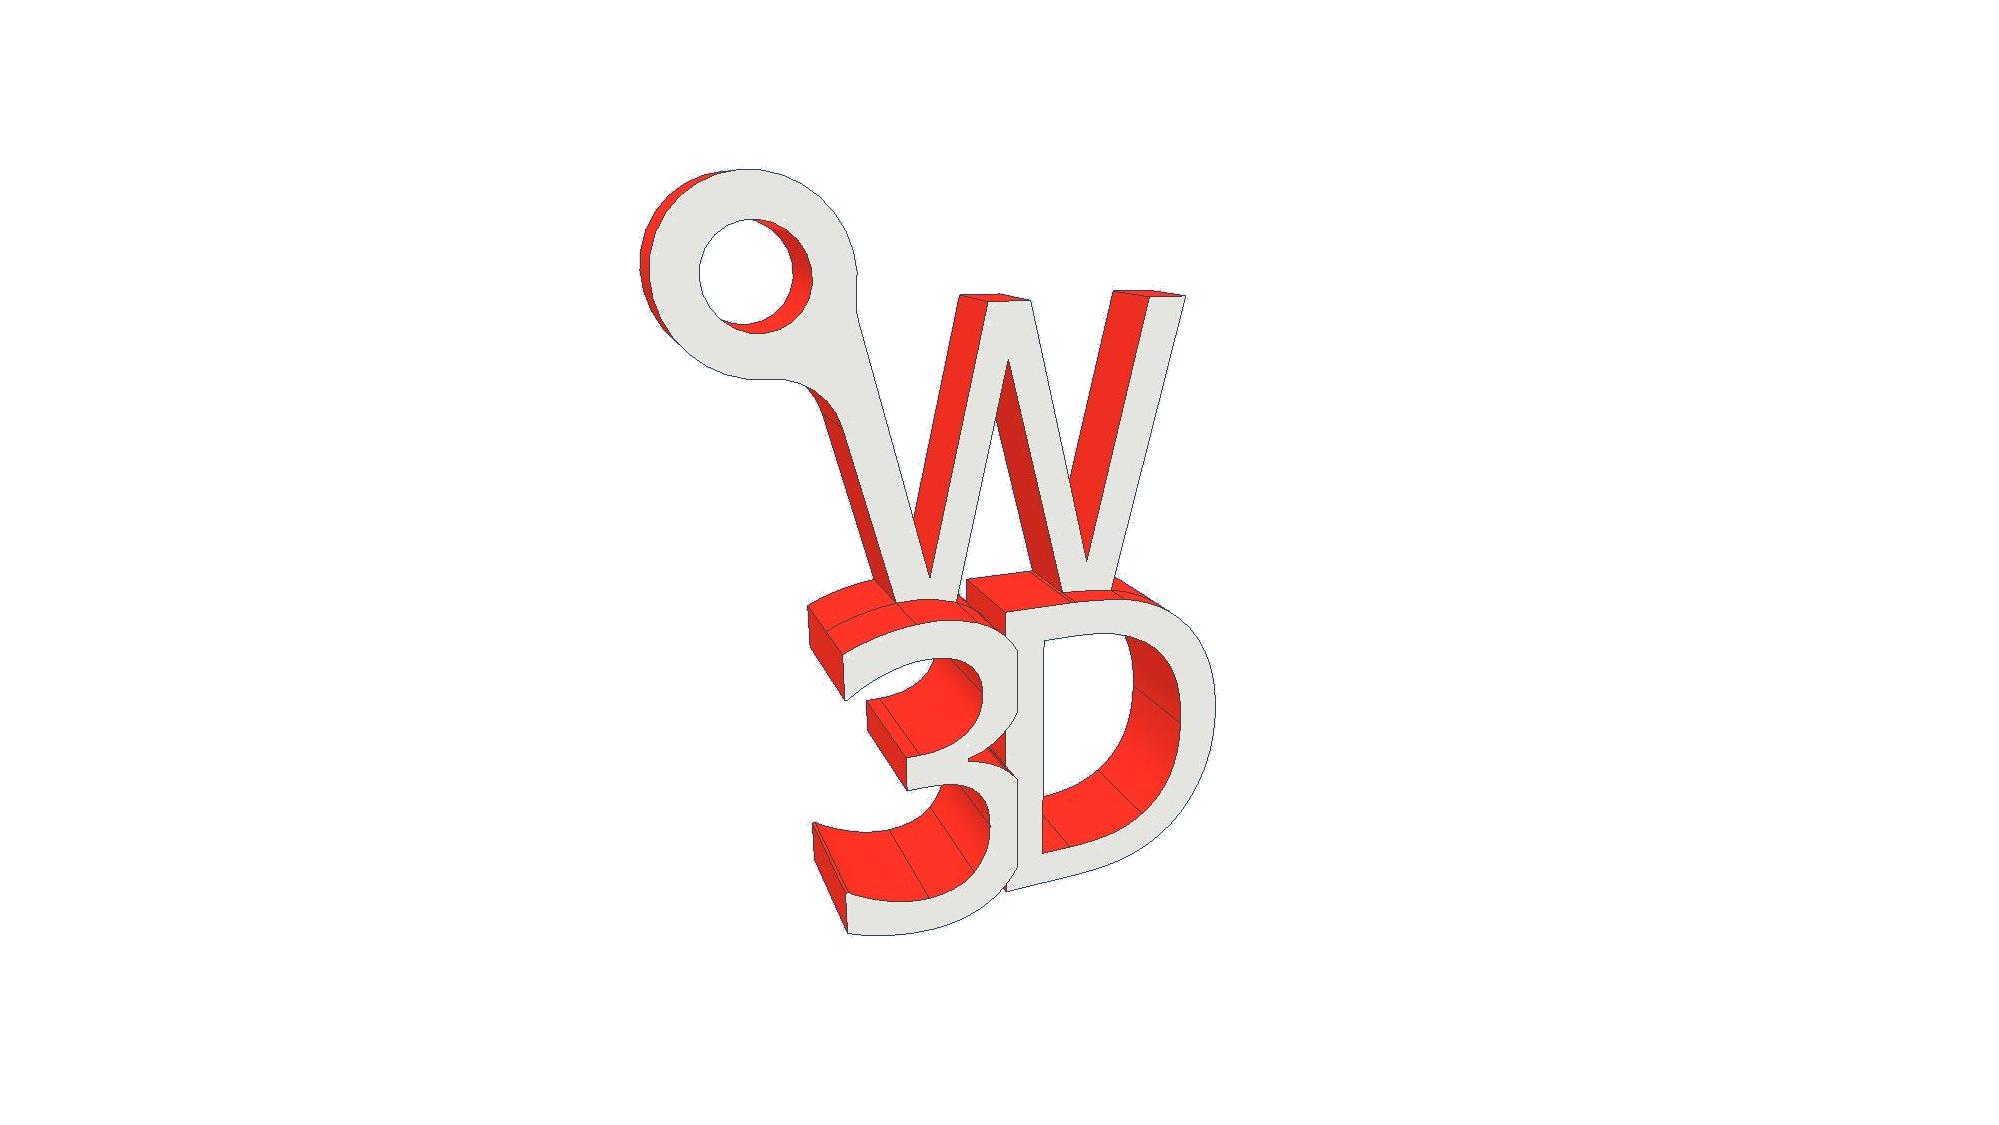 Walt3d.com